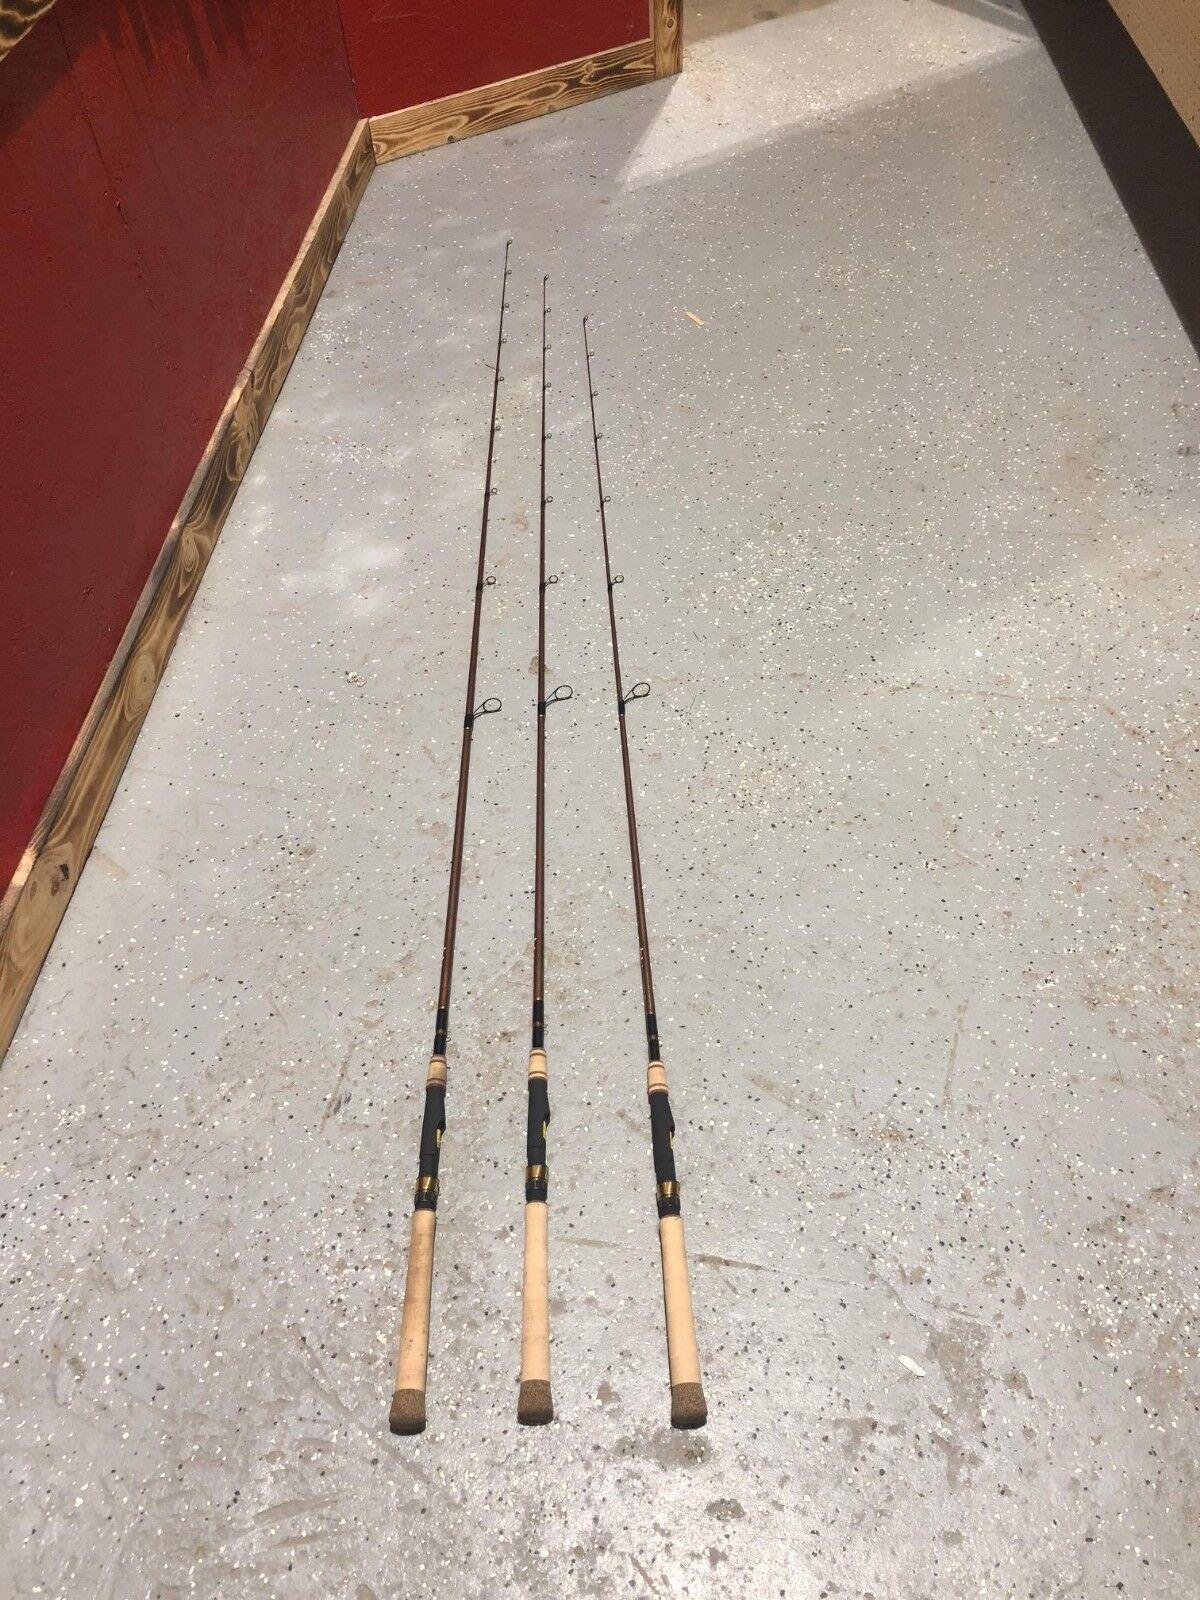 Elk River Walleye Gold Fishing Rod